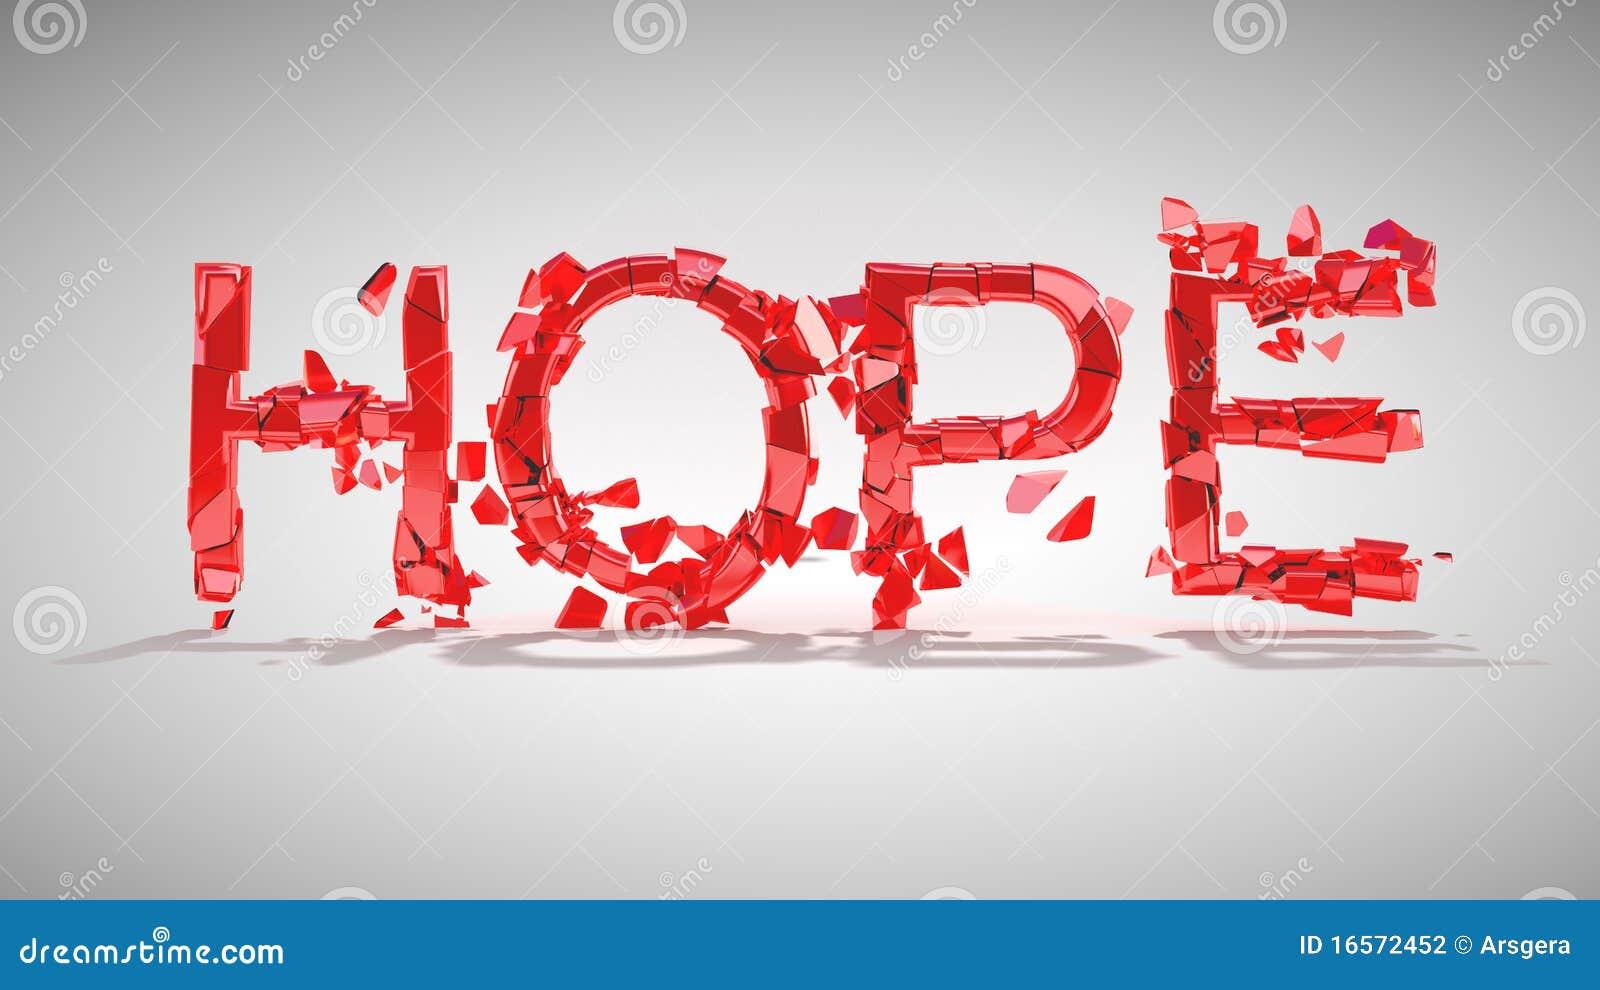 Hoffnung ist verloren. Wortzerstörung